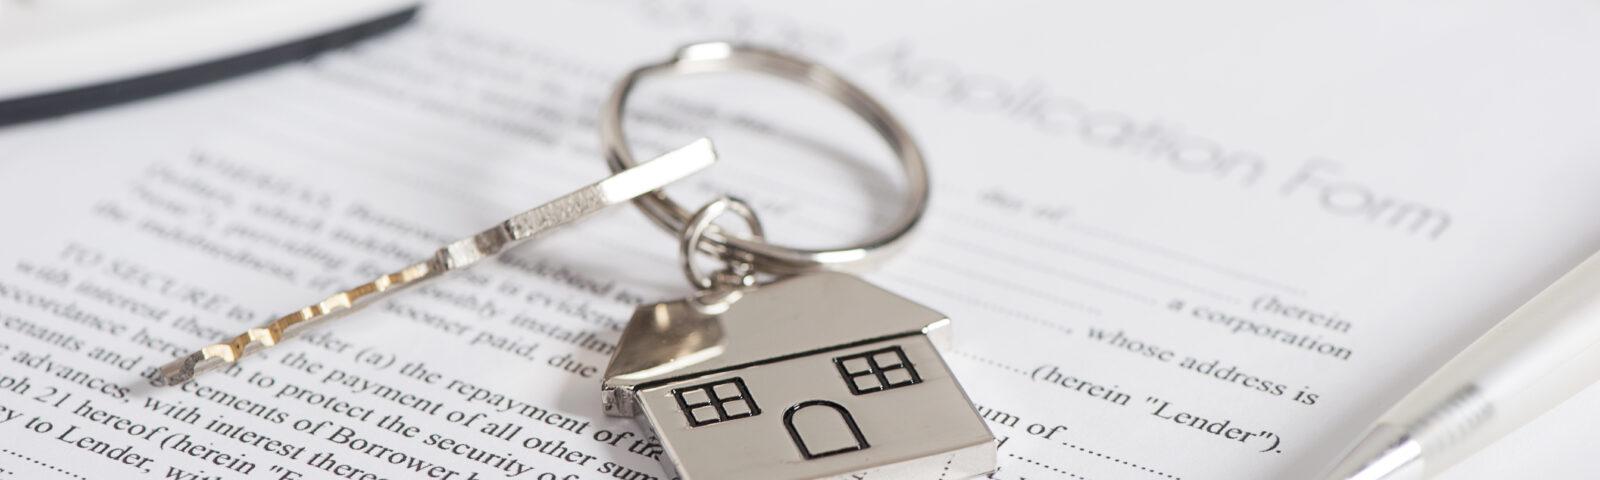 Le Rôle de l'avocat dans les transactions Immobilières en Israël  par rapport à la France